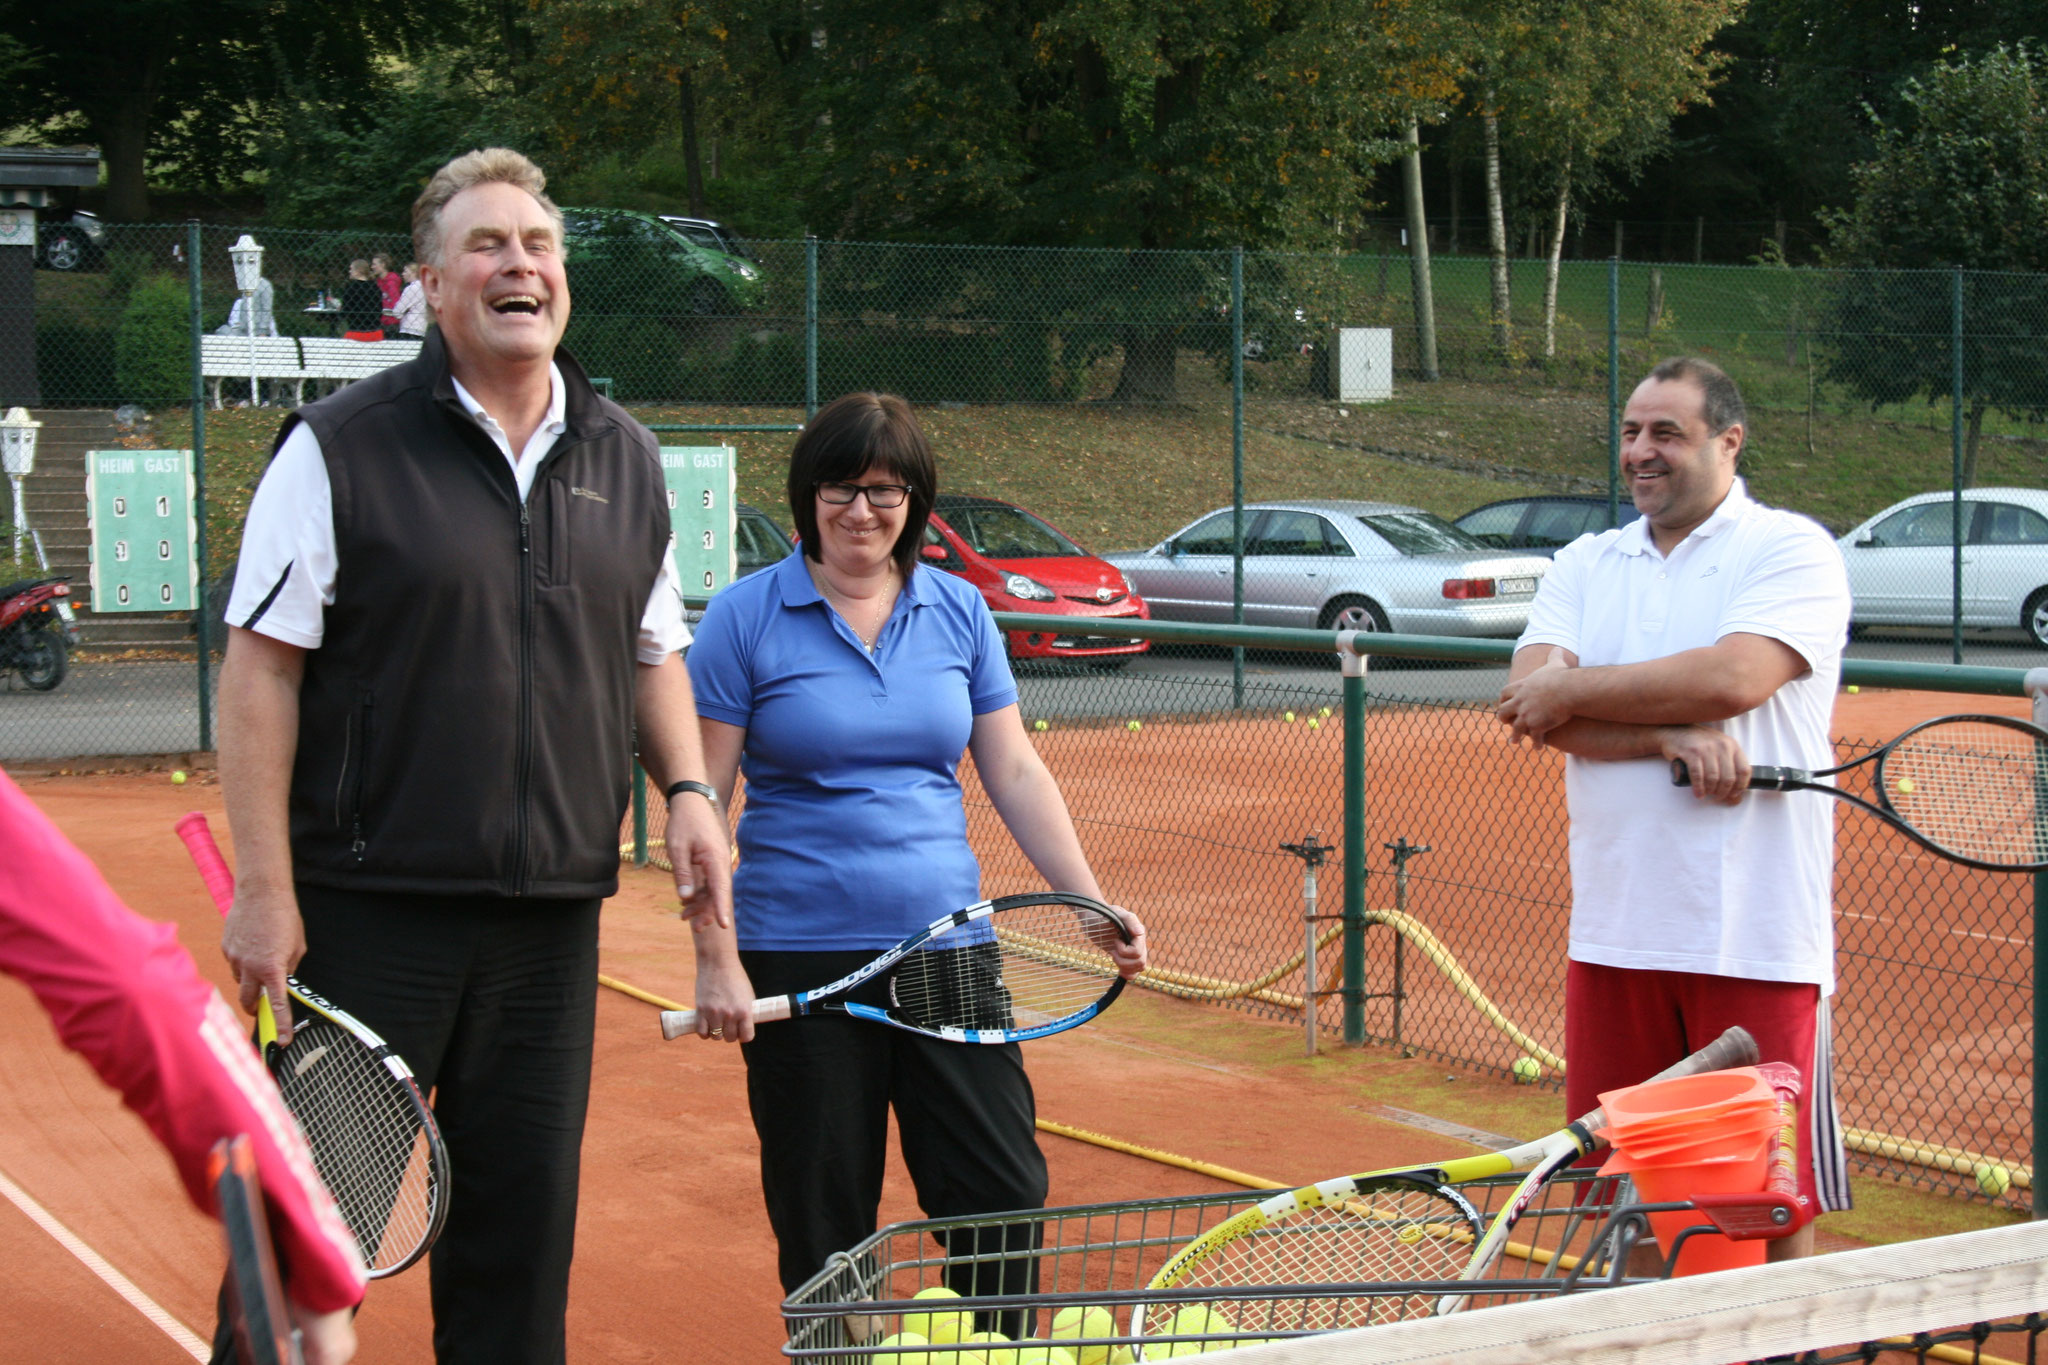 ....die, wie man sieht, immer mit viel Spaß von Wolfgang Haferkemper betreut und trainiert wird